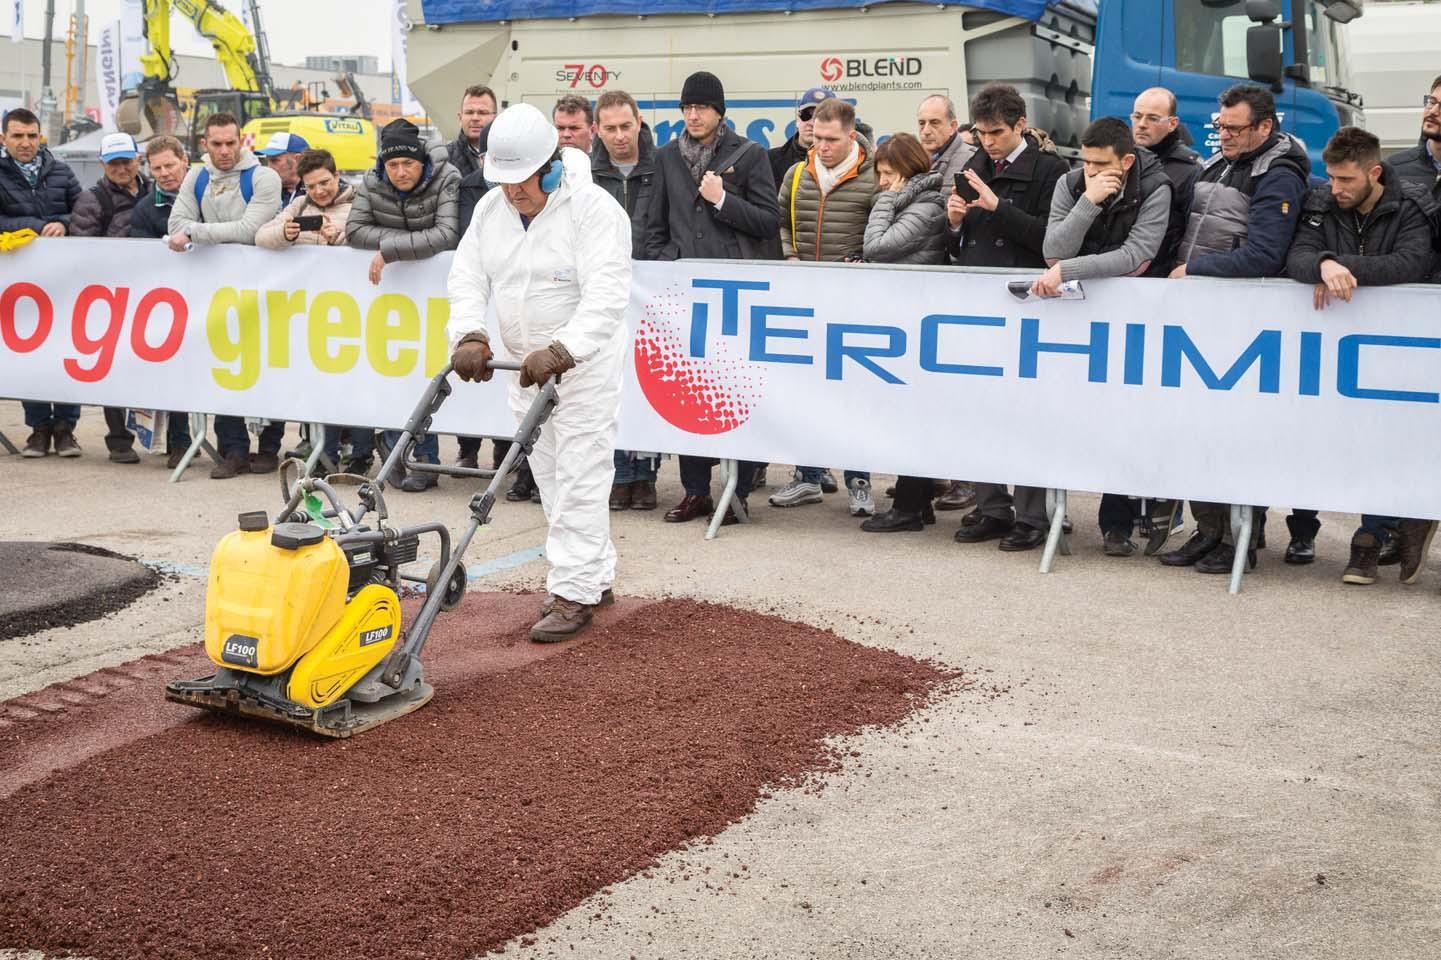 Dalla piste ciclabili alle strade, arriva il primo asfalto 100% green